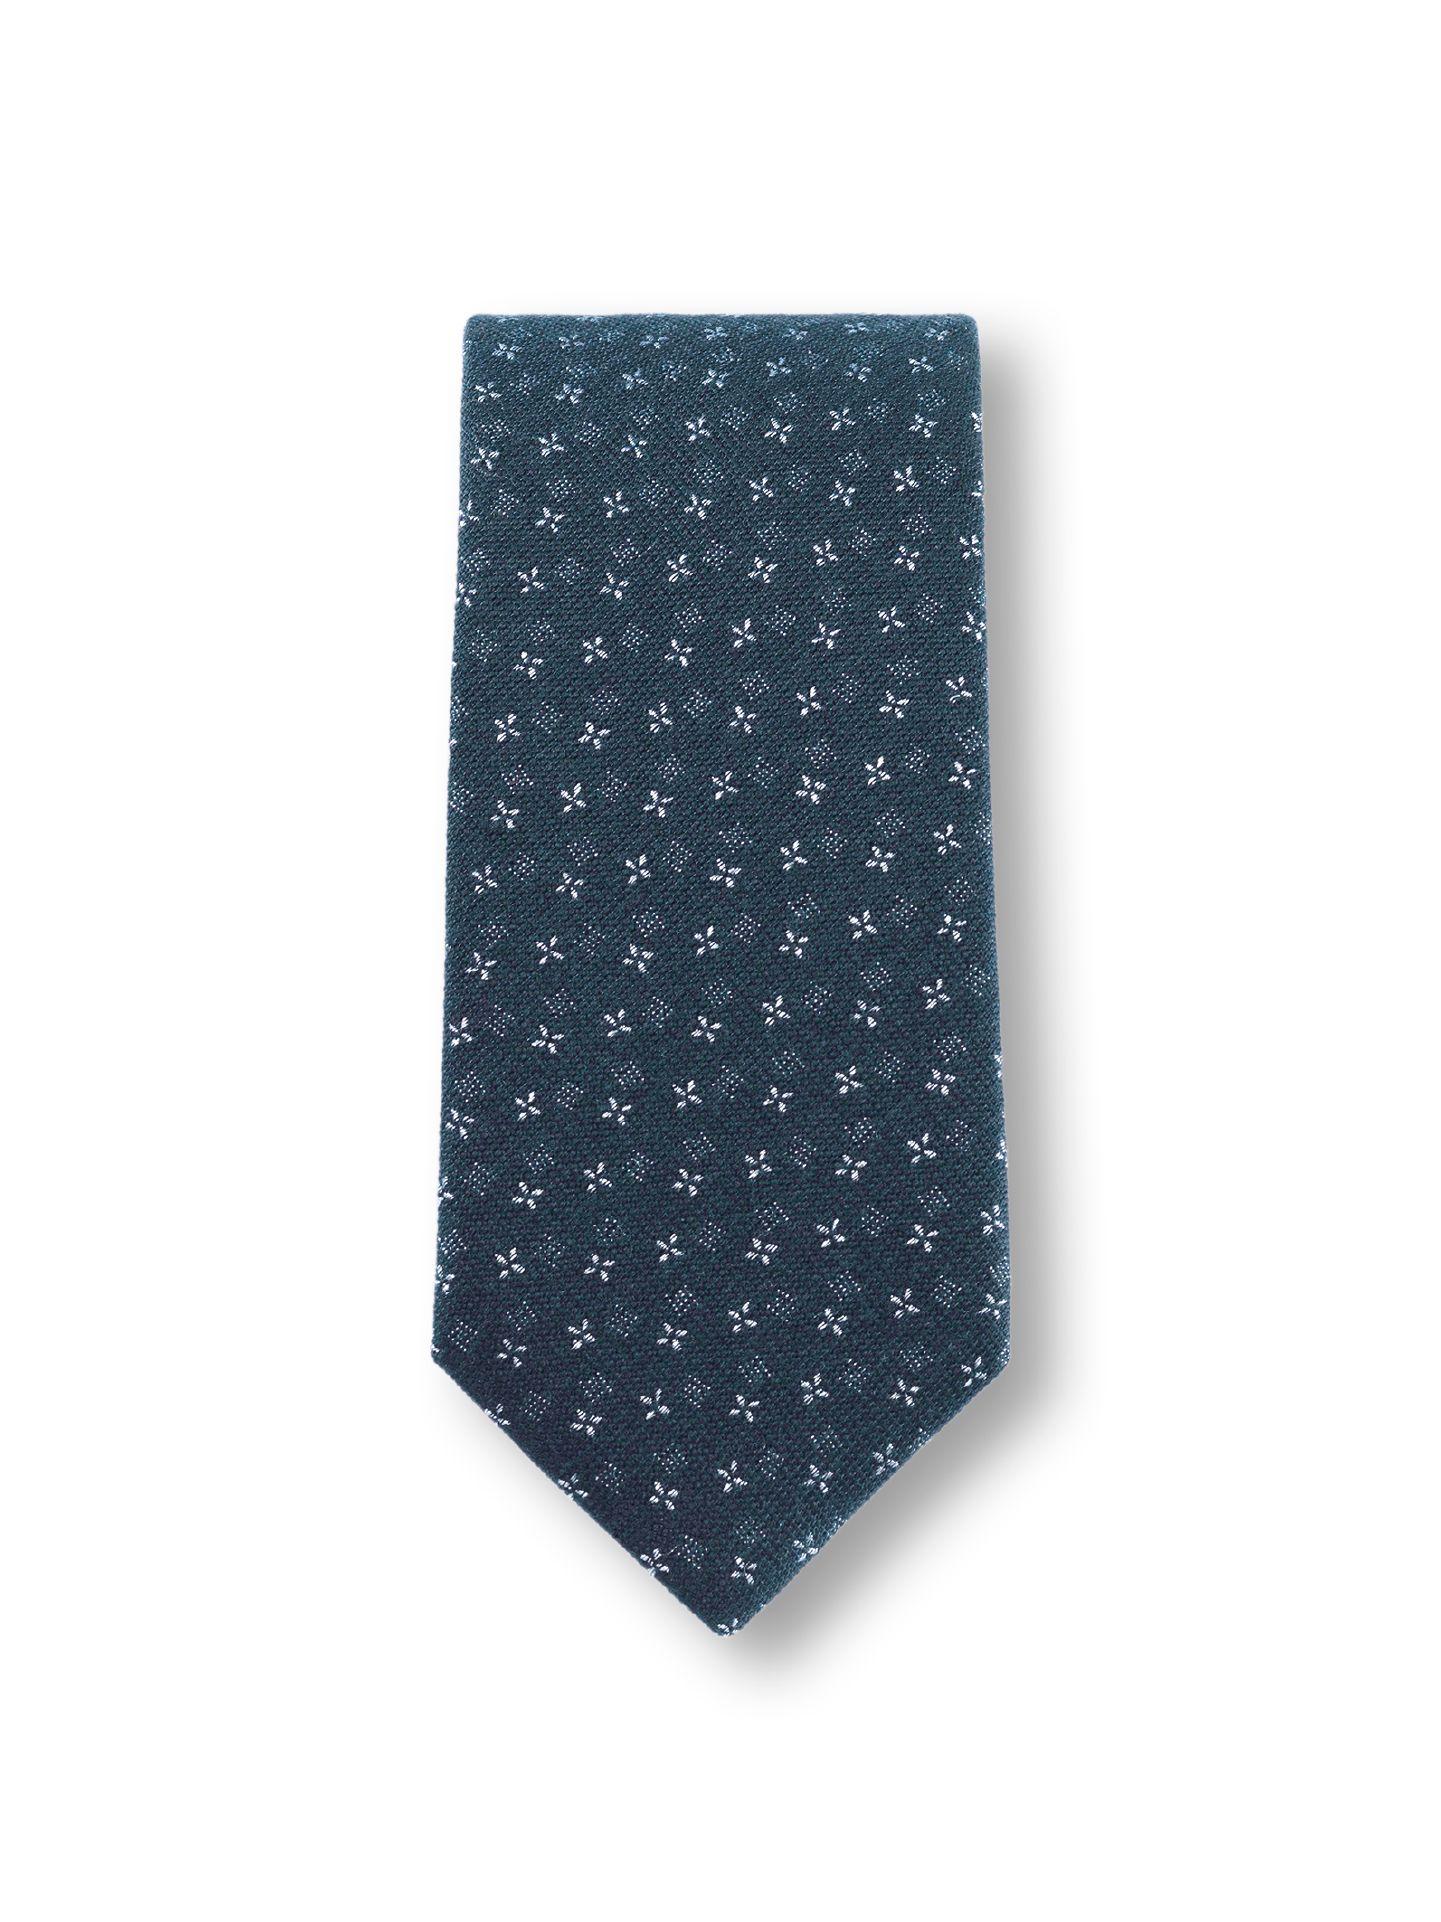 Walbusch Herren Krawatte Blau bedruckt 01 28-2360-9